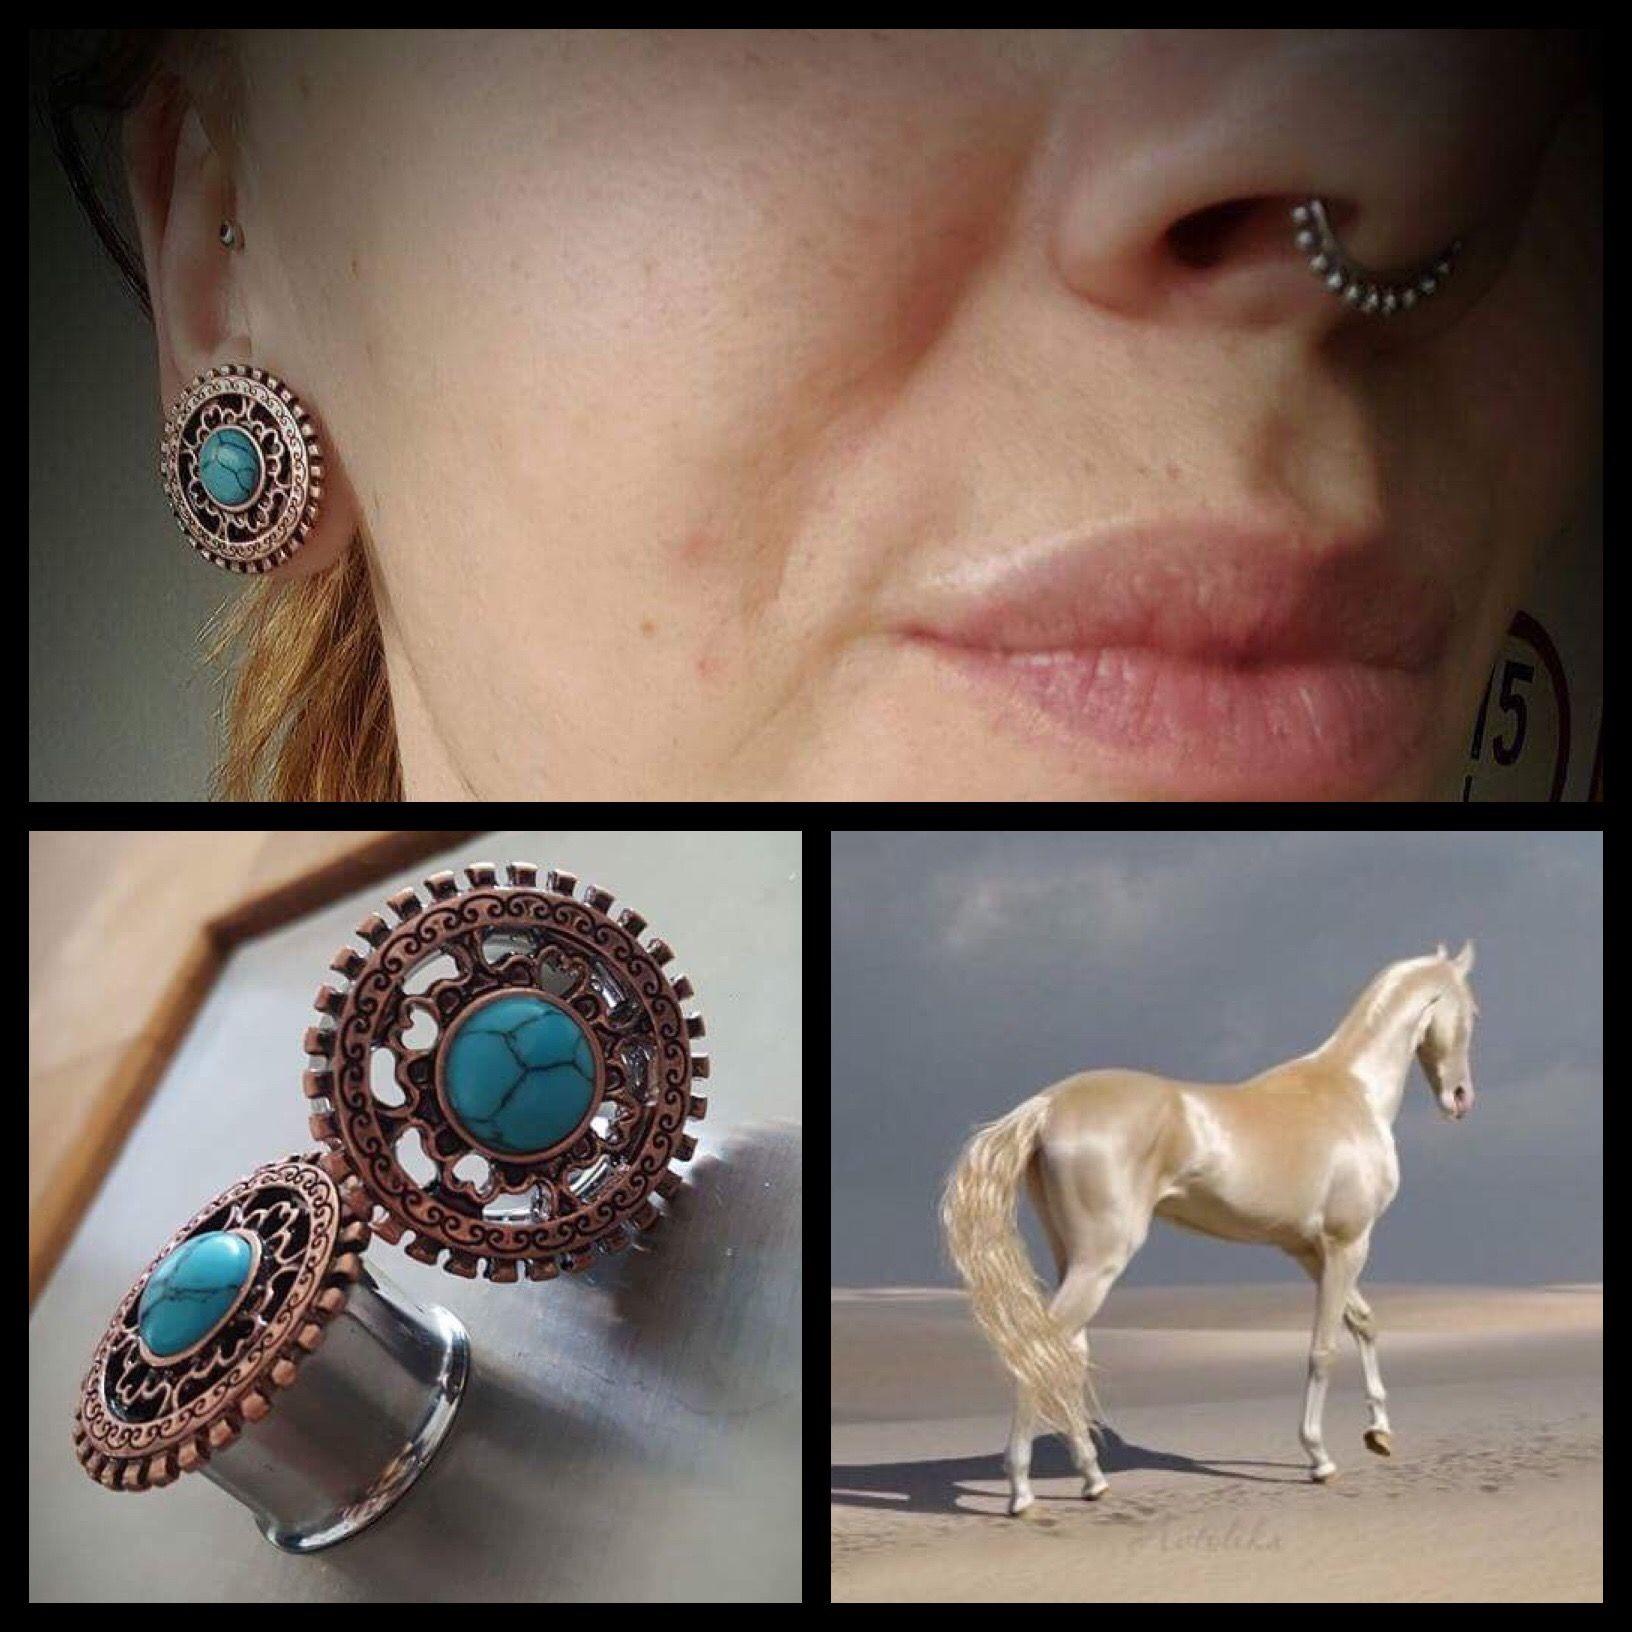 Mega sød kunde sendte billeder af hendes fine nye smykker, som hun købte hos os- Septum clicker og plugs med turkis 😍   Ses i dag på Vesterbro 11-16 ❤🙏🏾